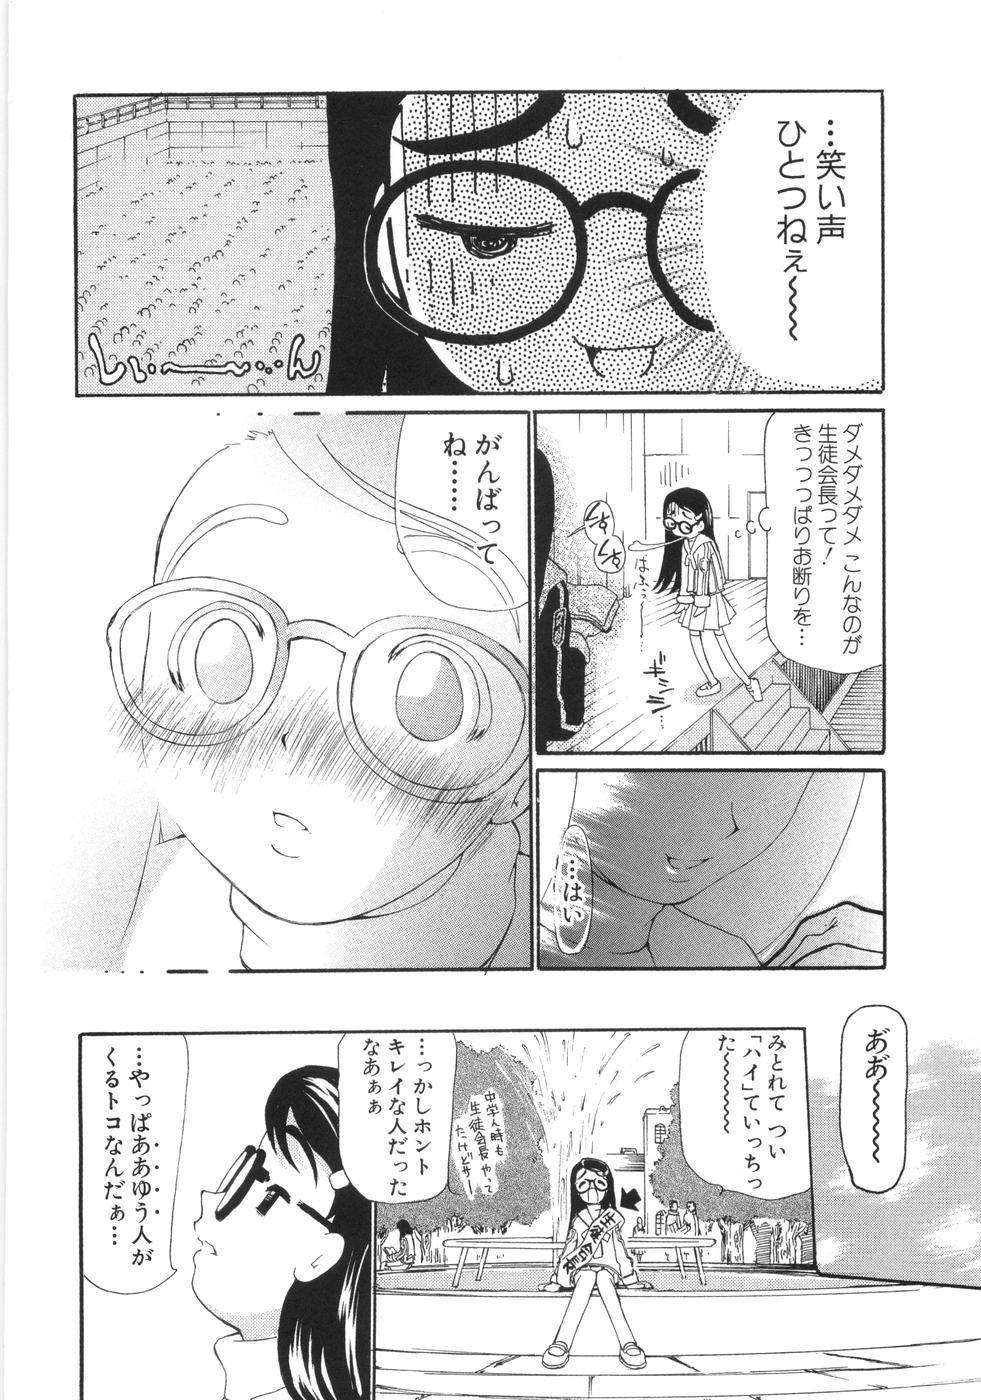 0 PULL TOWN Gakuen e Youkoso! 10